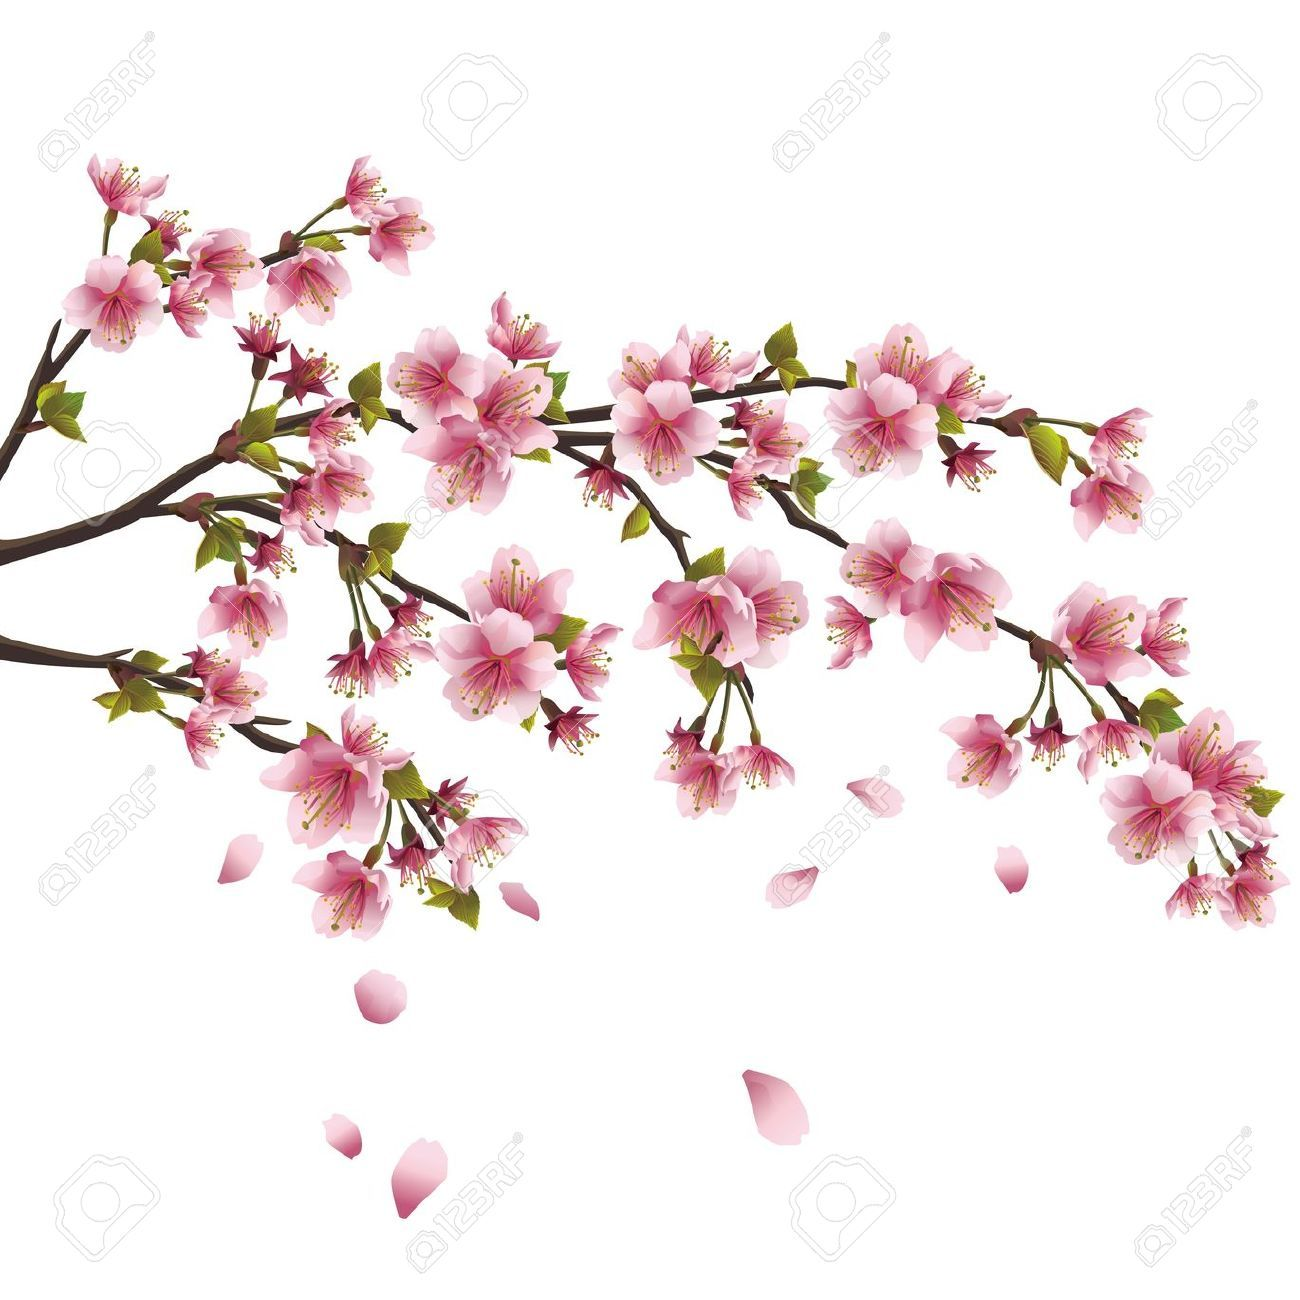 12215997 R Aliste Fleur De Sakura Japonais Cerisier Avec Des P Tales